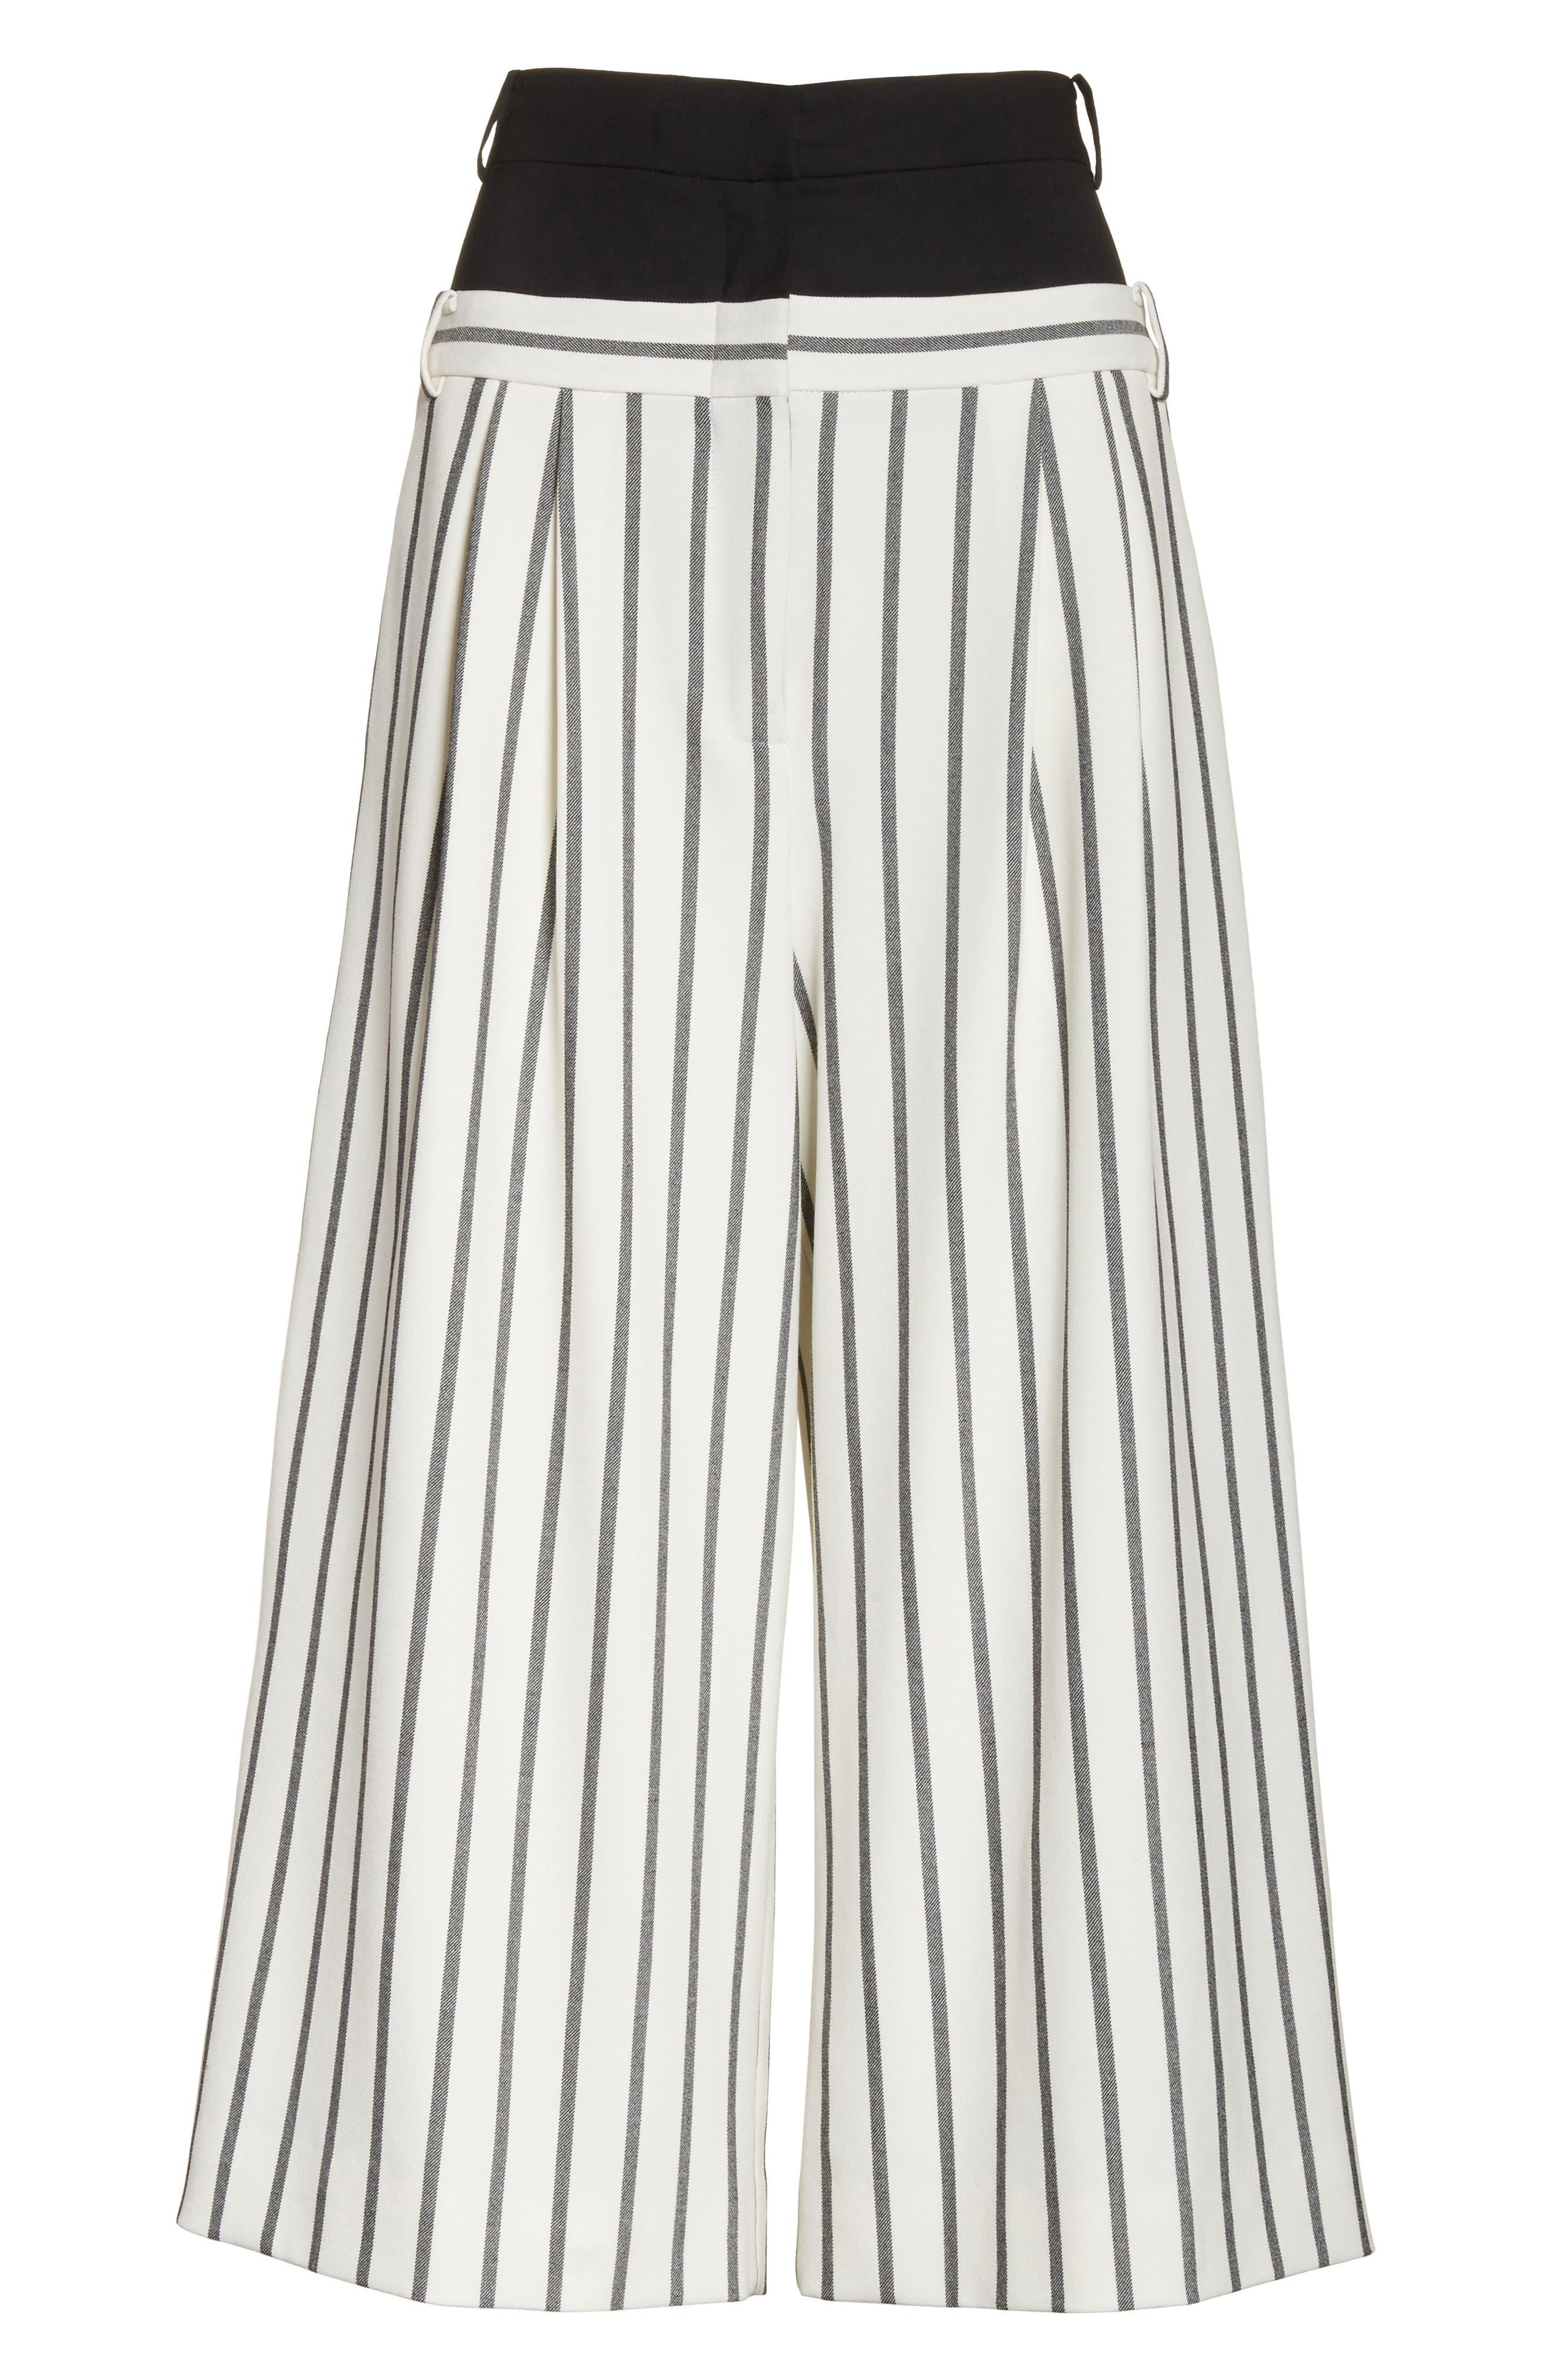 Lucci Stripe Crop Wide Leg Pants,                             Alternate thumbnail 7, color,                             907